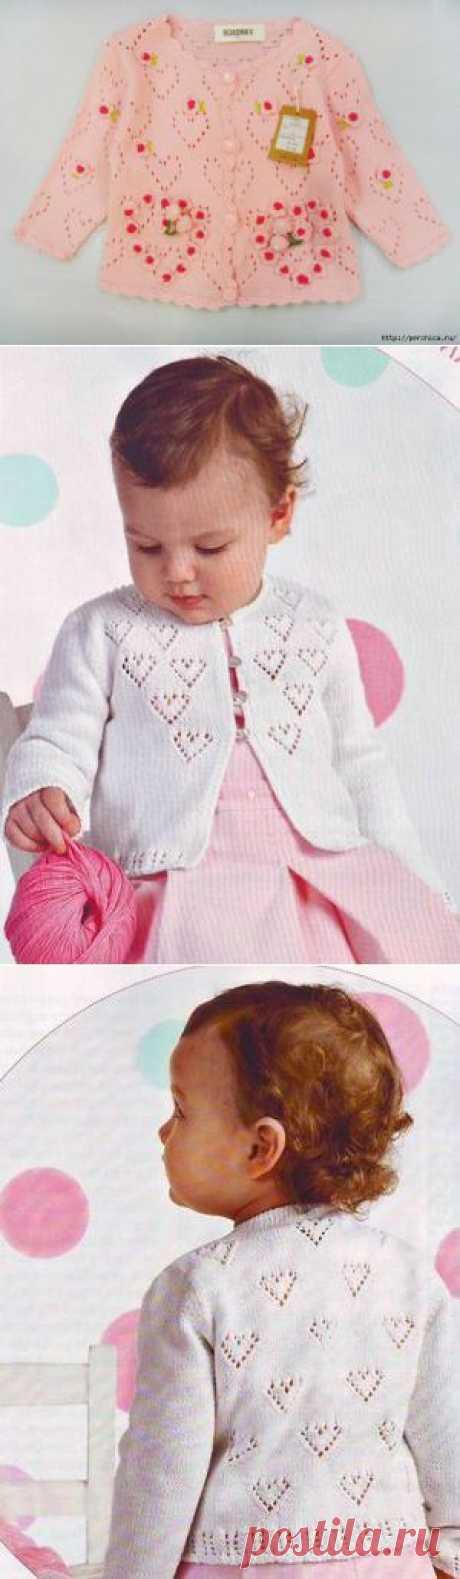 Чудная детская кофточка вязаная ажурными сердечками с декором мини цветочками.